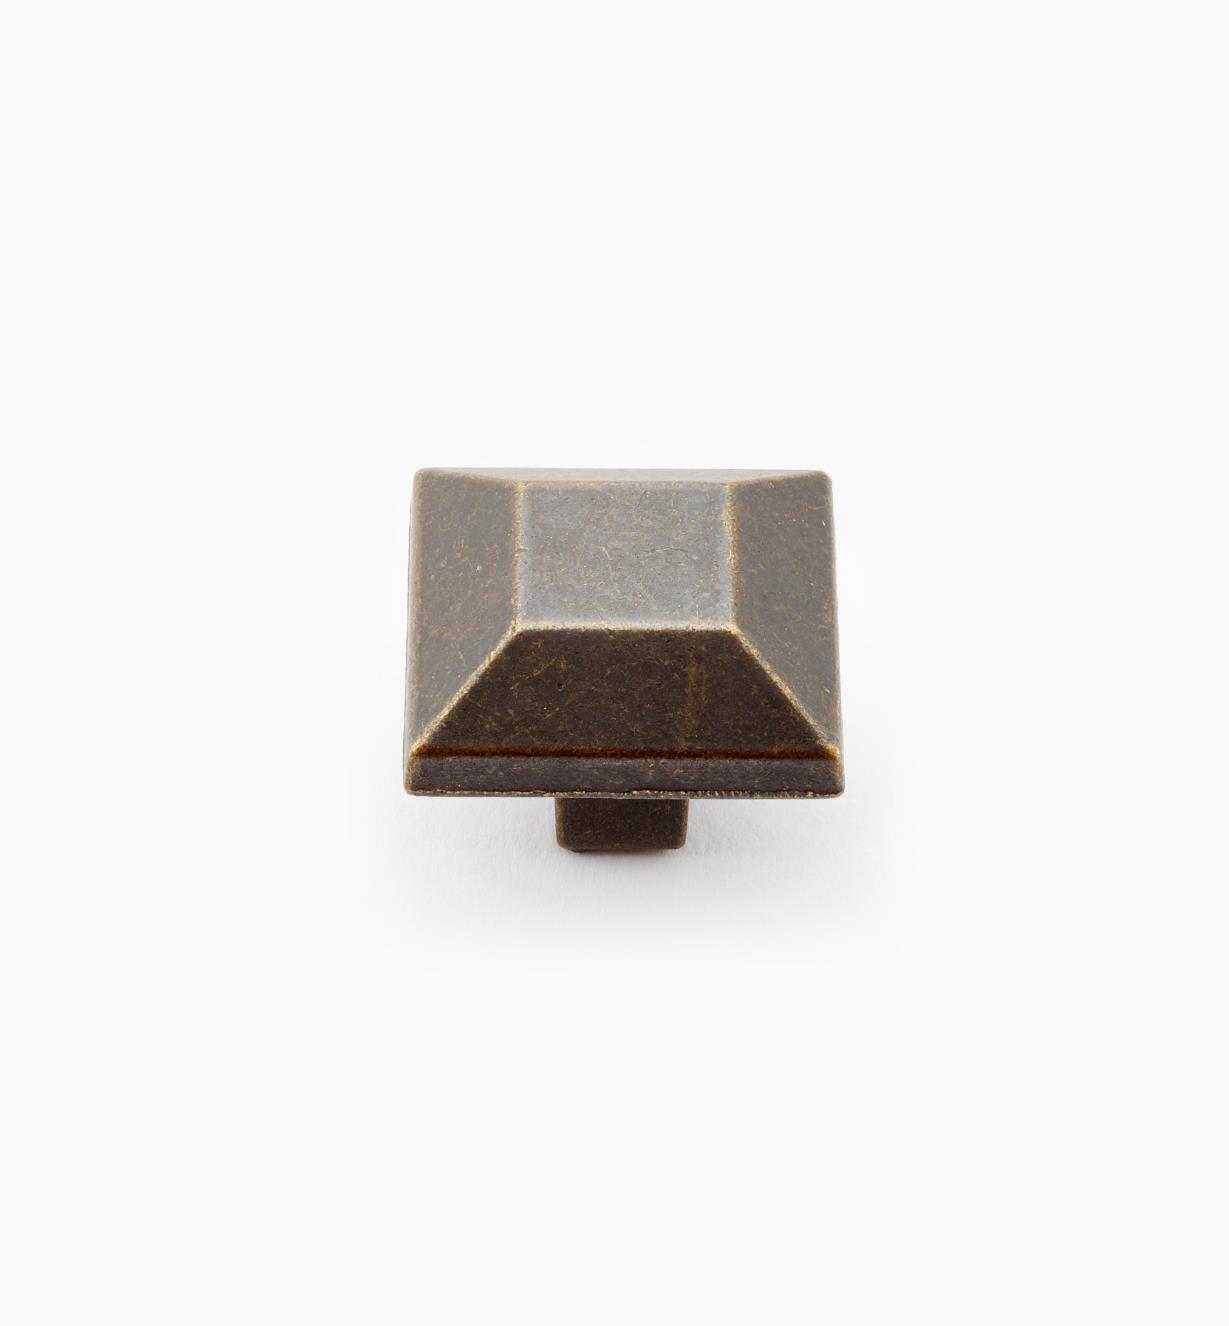 02G1701 - Bouton carré de 1 po x 7/8 po, sérieAmericanMissionII, laitonrustique